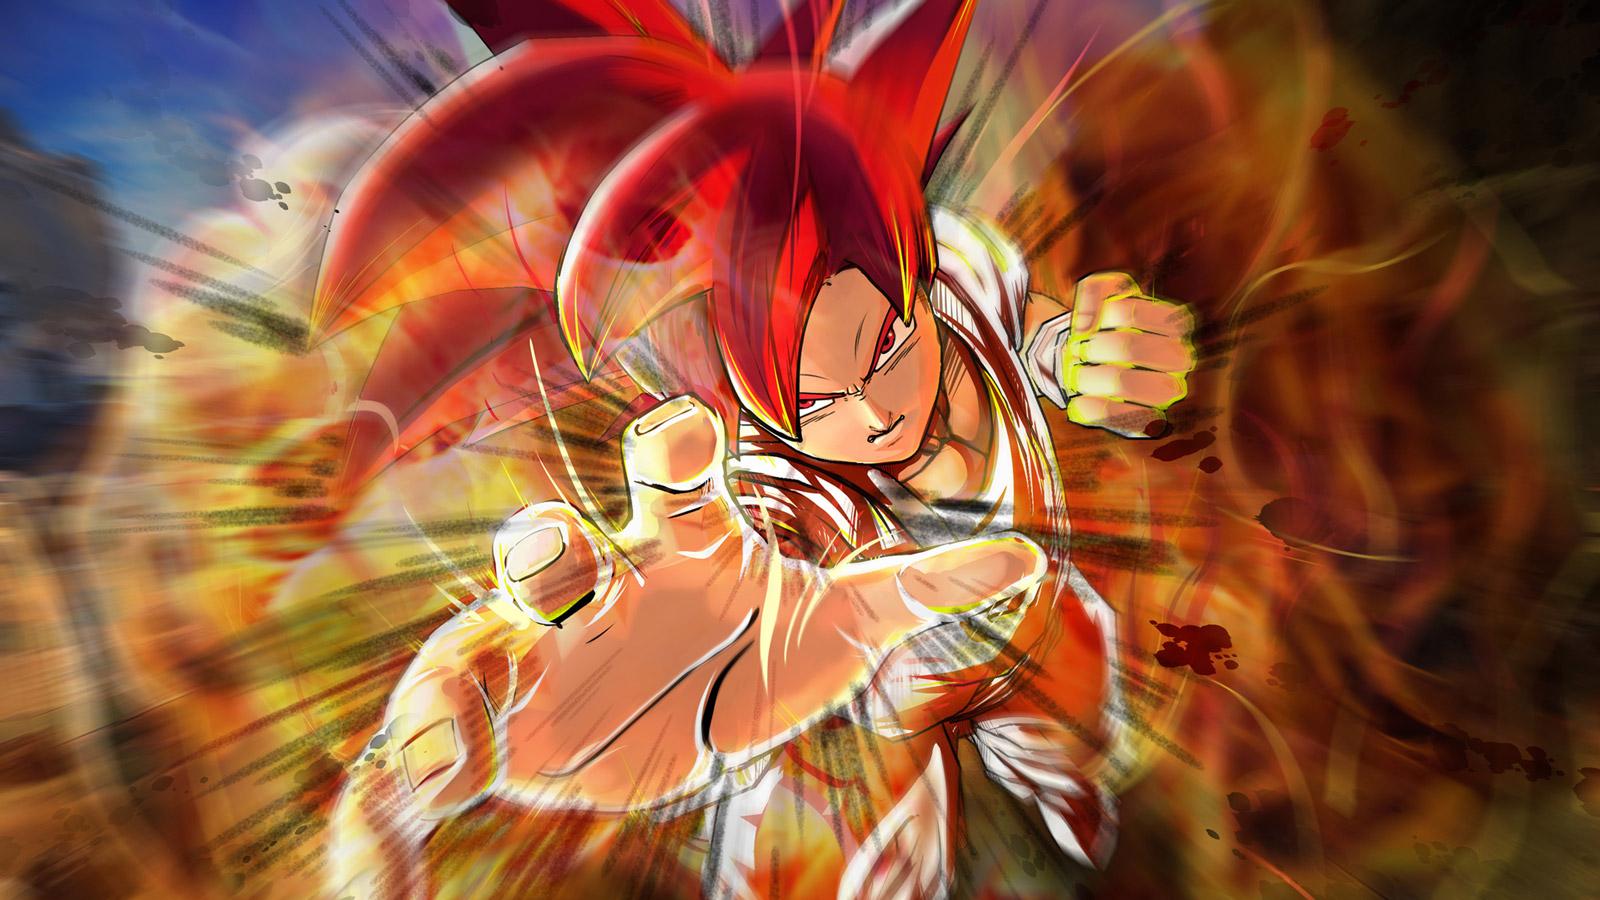 Free Dragon Ball Z: Battle Of Z Wallpaper in 1600x900